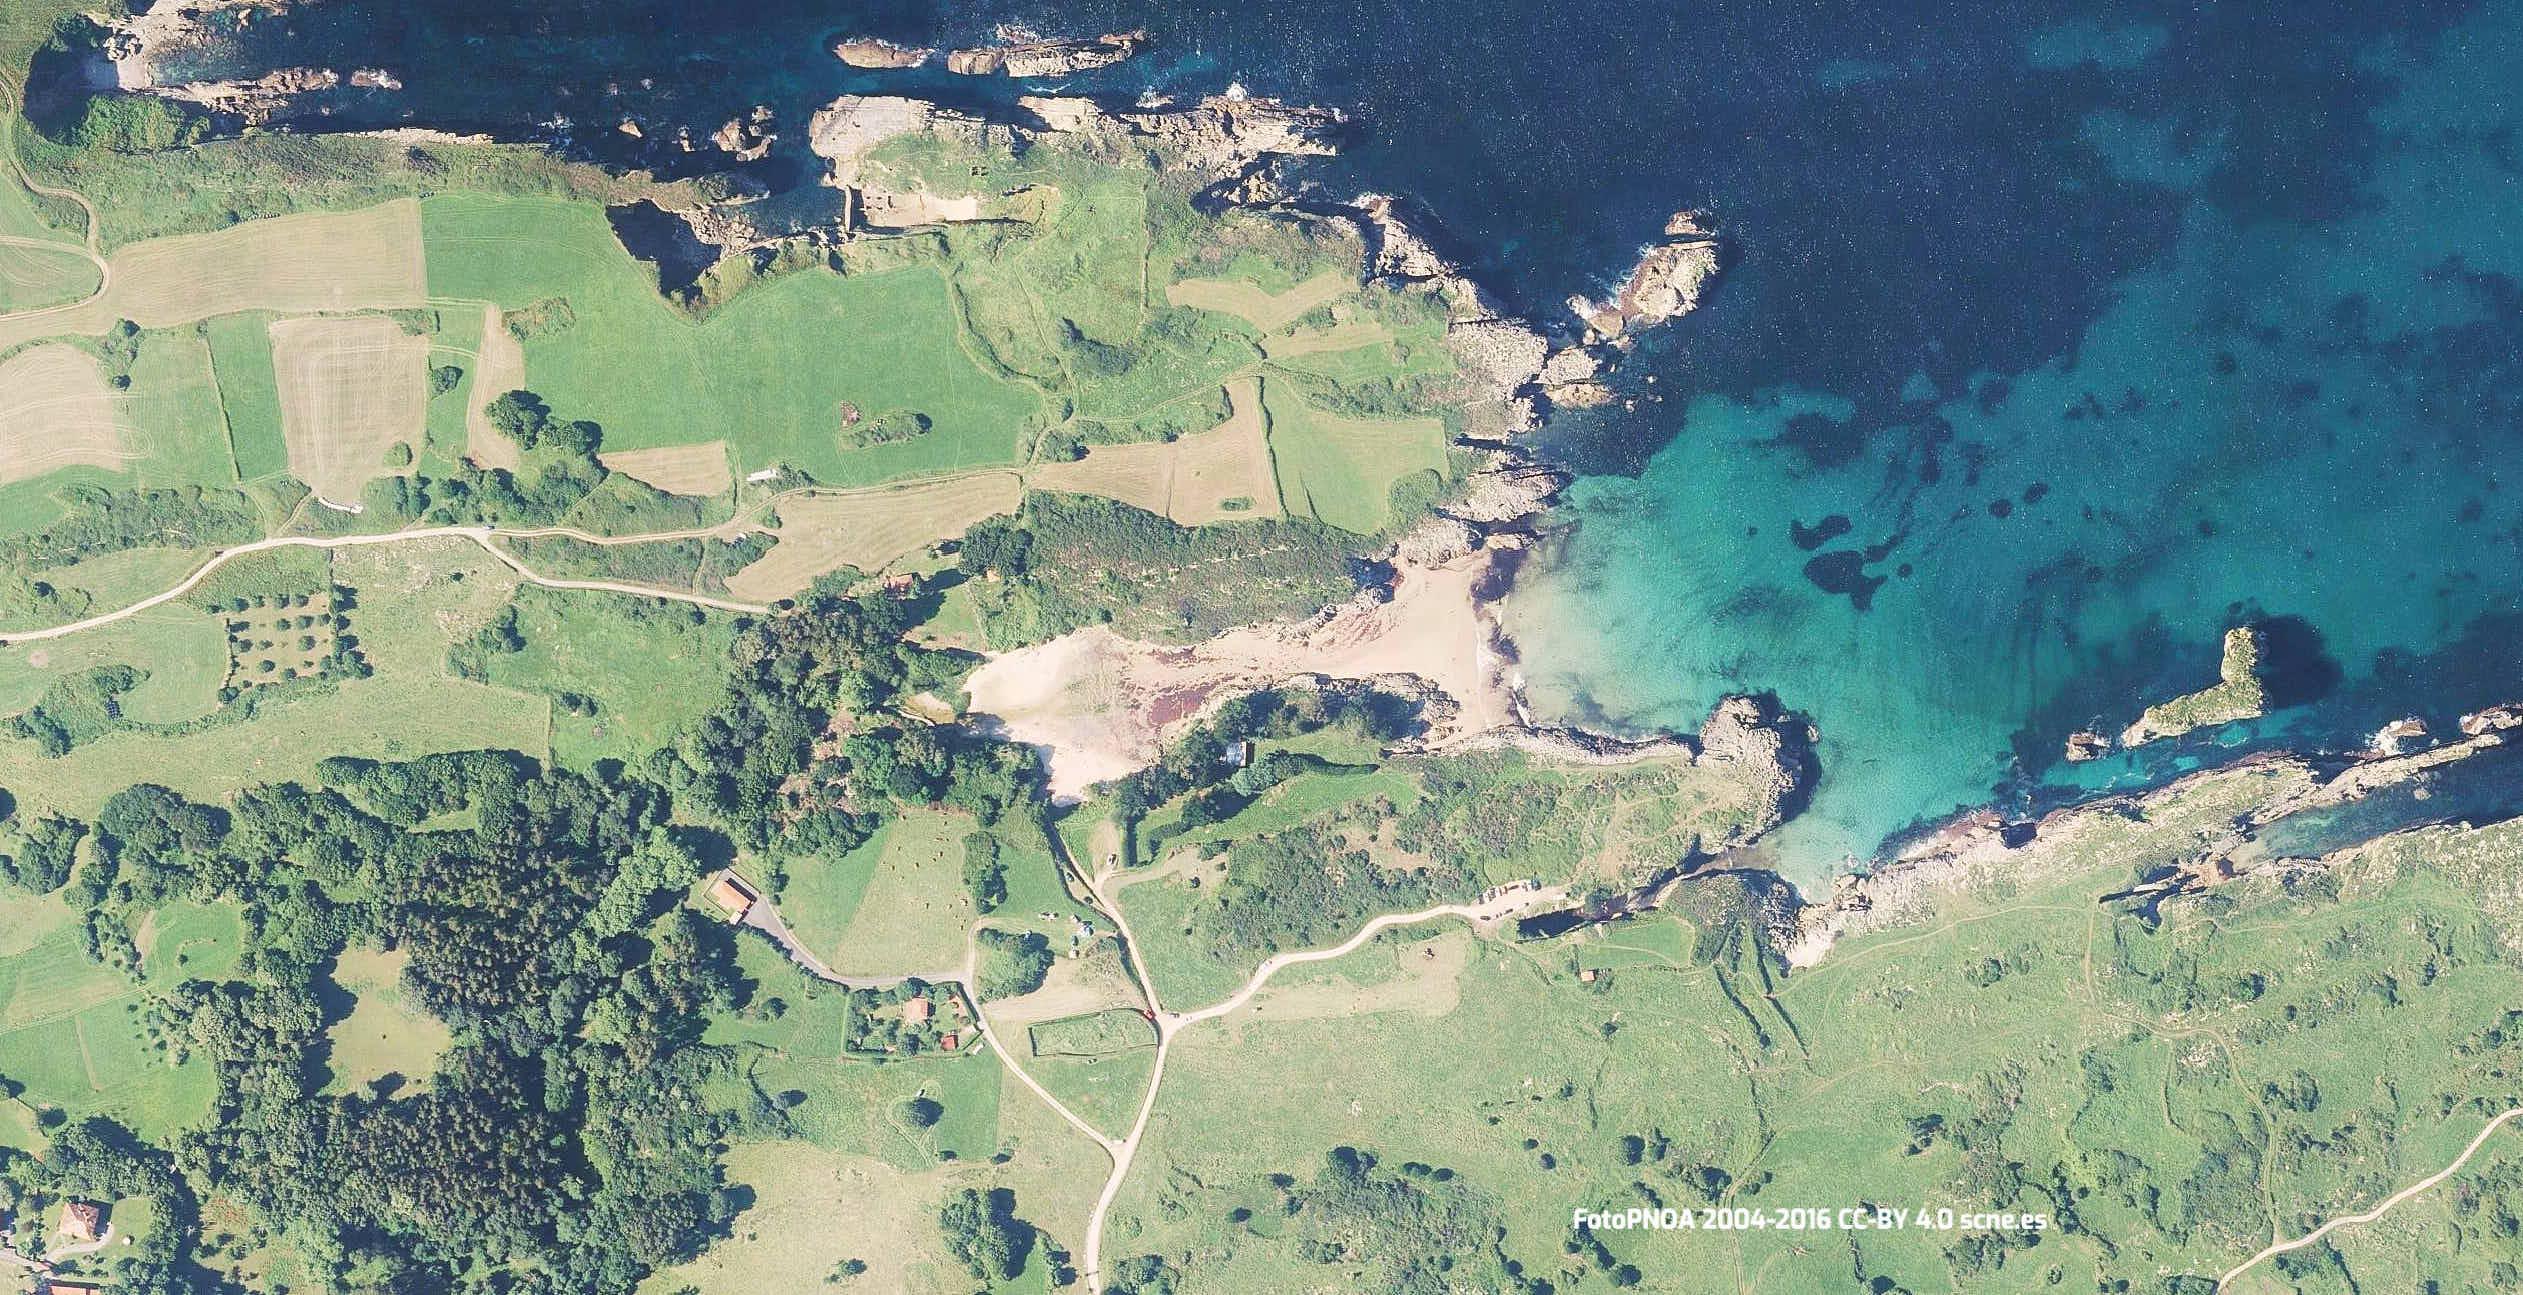 Vista aerea de la playa de Huelga y su entorno en Llanes, Asturias